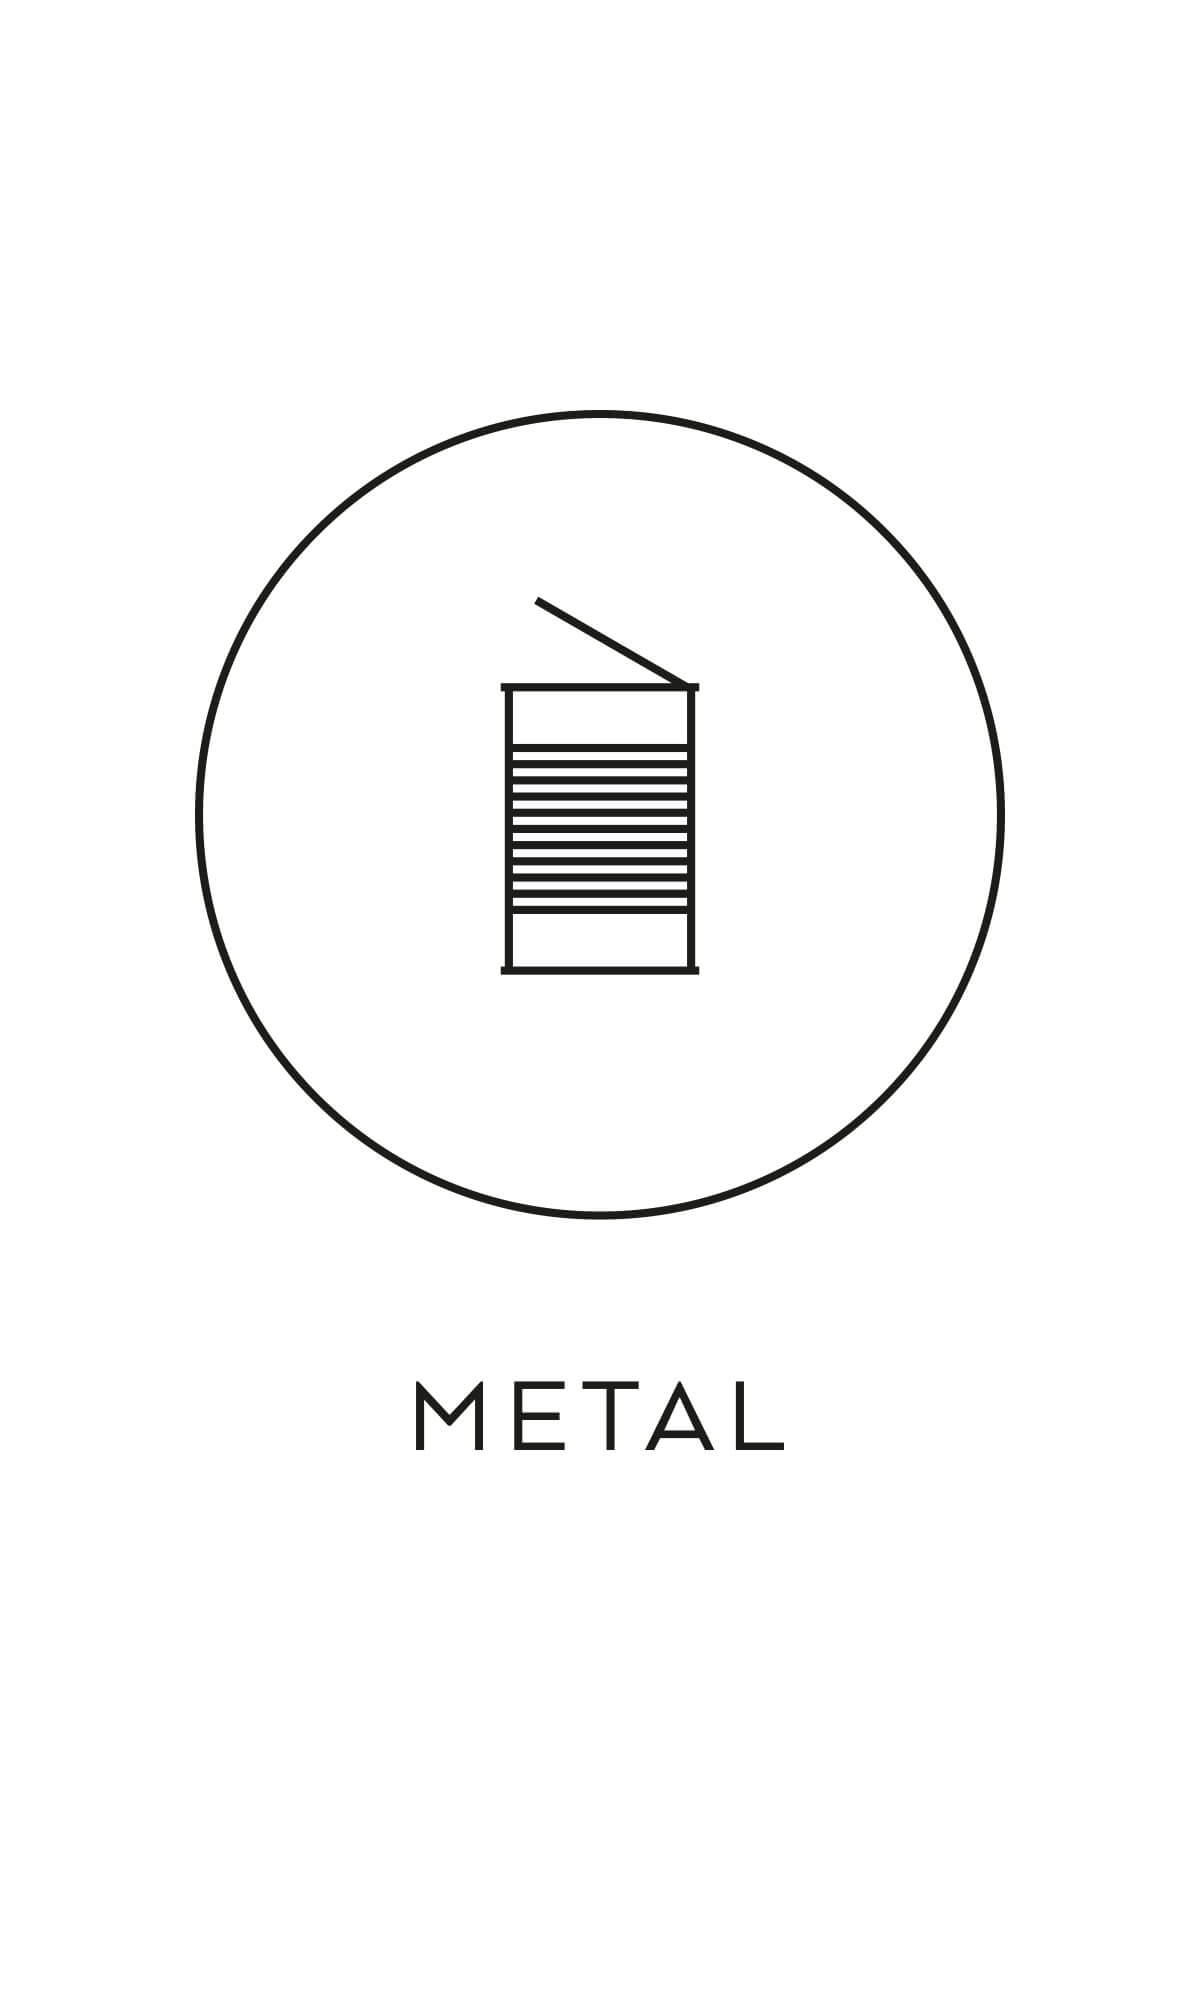 symbol källsortering metall konservburkar återvinning